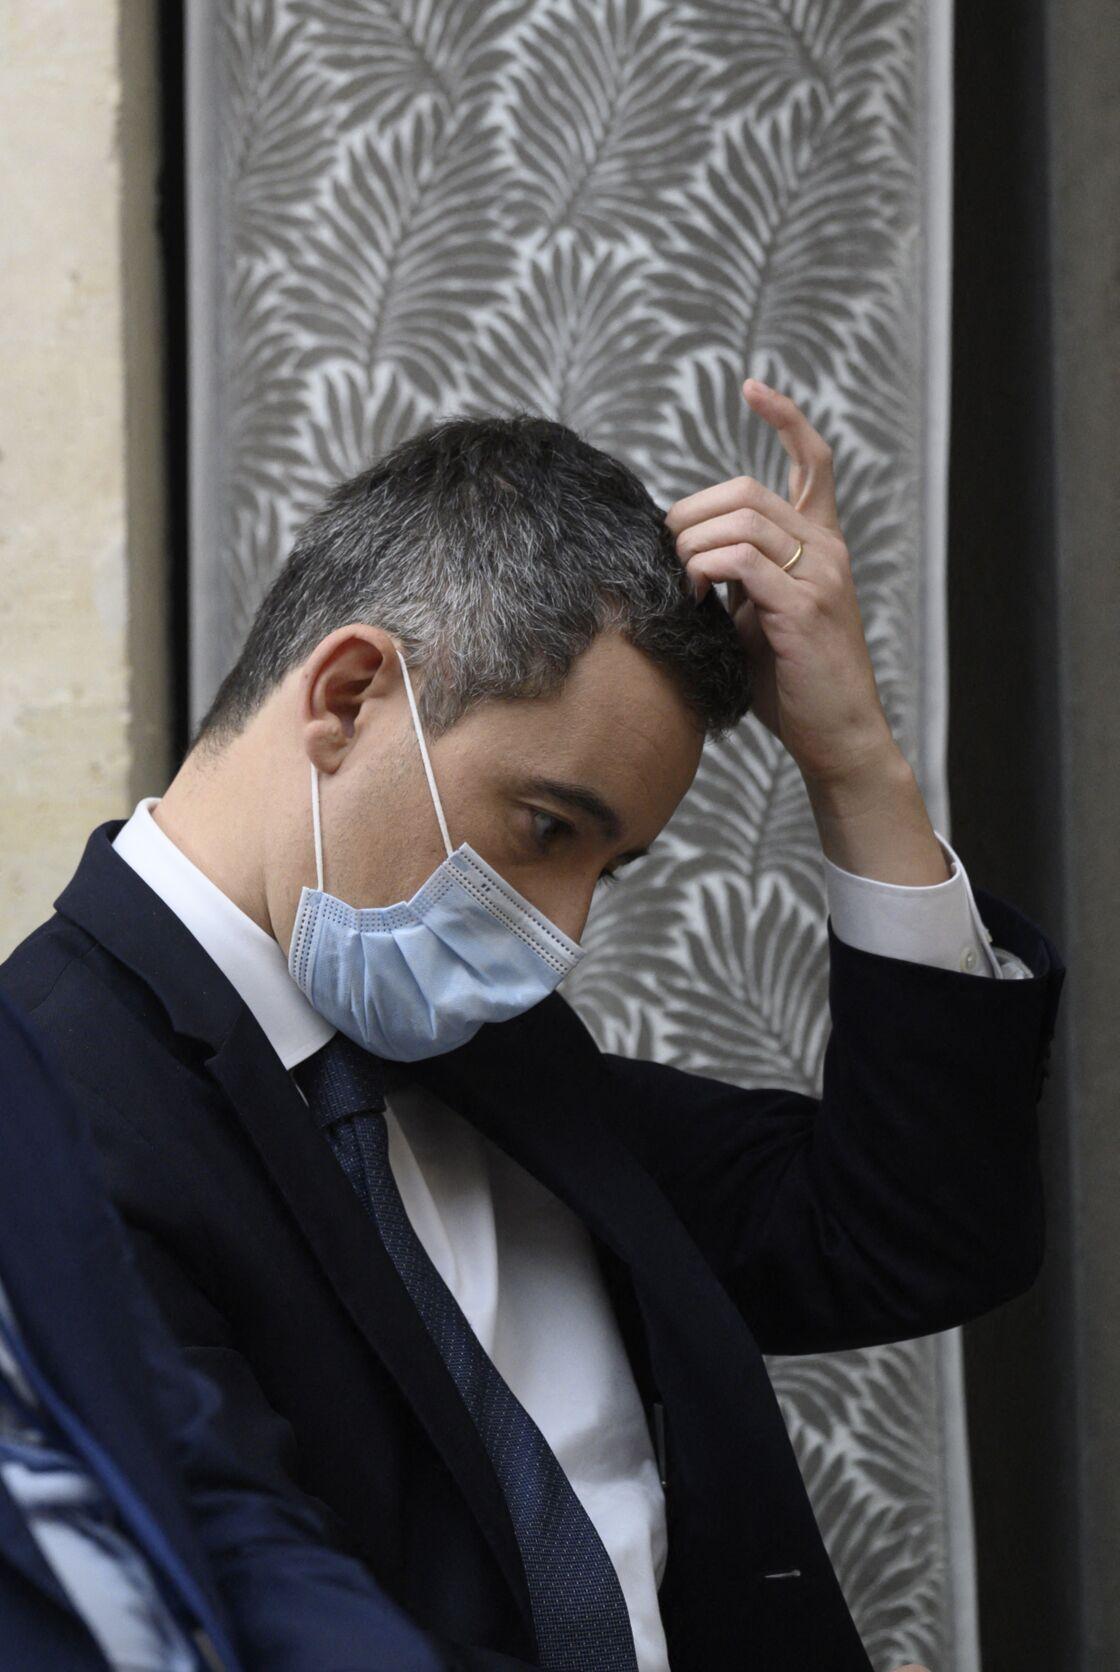 À l'image d'Emmanuel Macron à l'Élysée, Gérald Darmanin semble lui aussi marqué le pouvoir, d'autant plus depuis qu'il est au ministère de l'Intérieur.